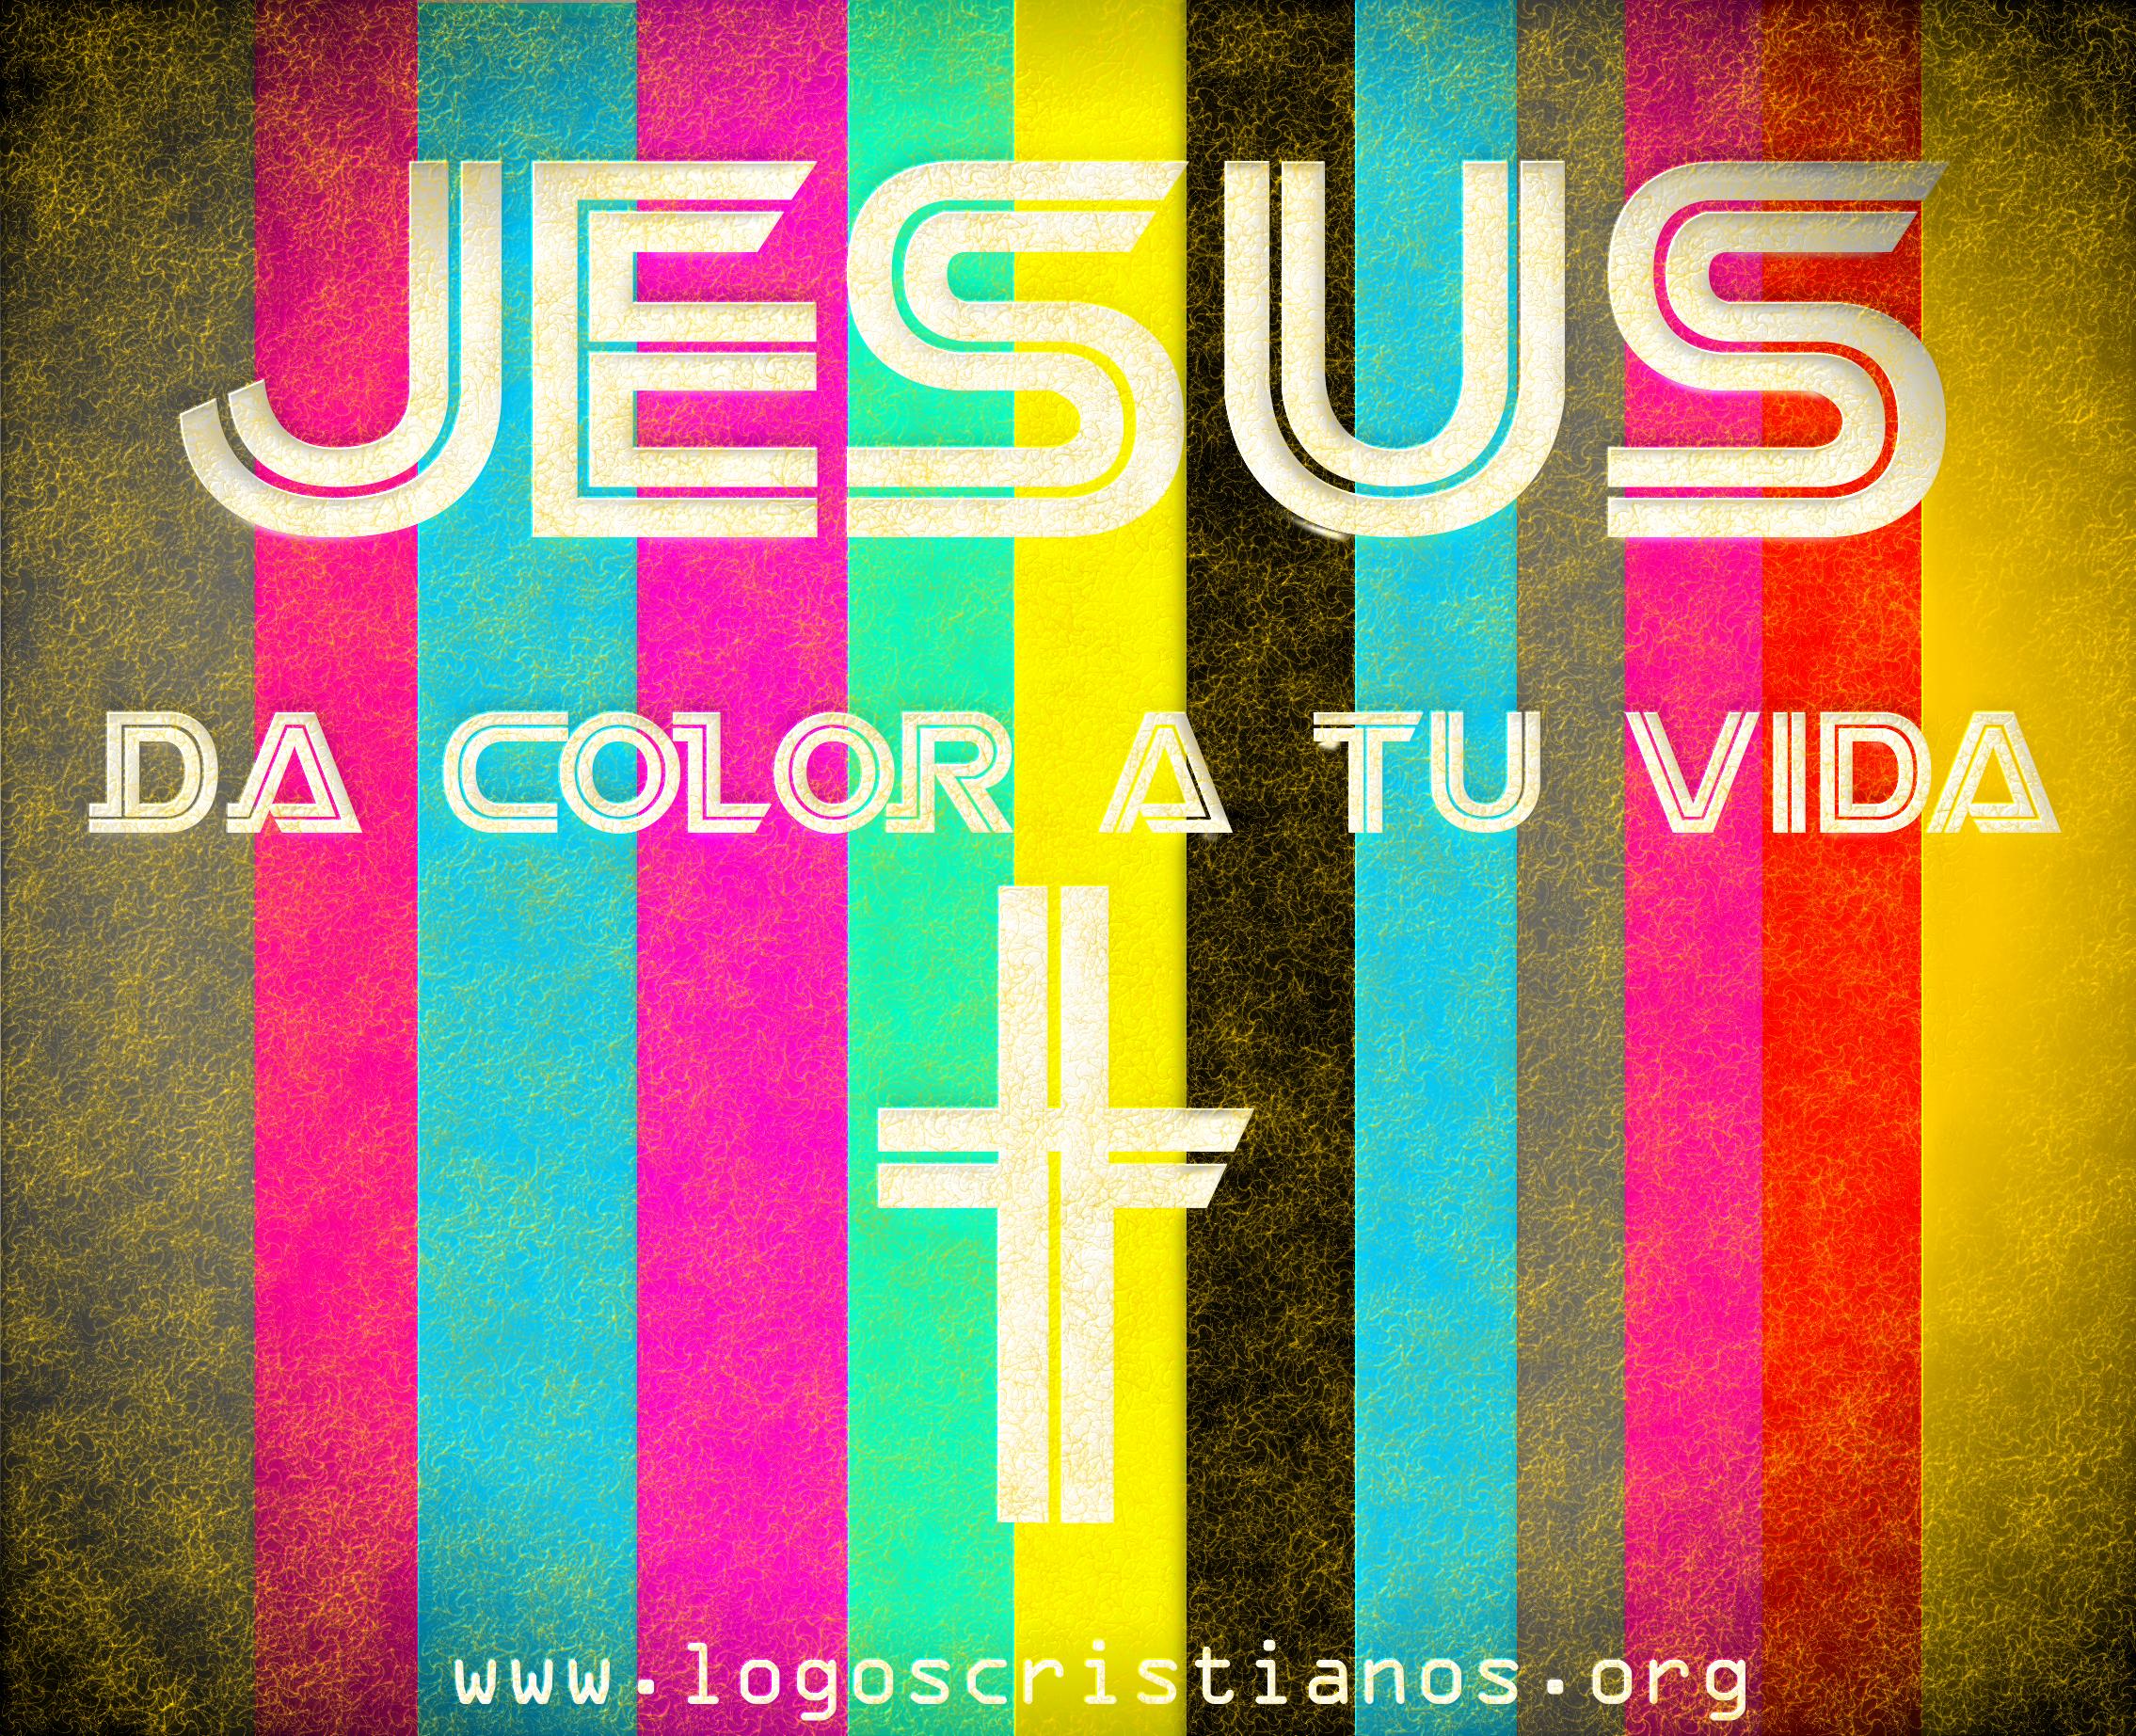 Jesus da color a tu vida -2 | Logos Cristianos